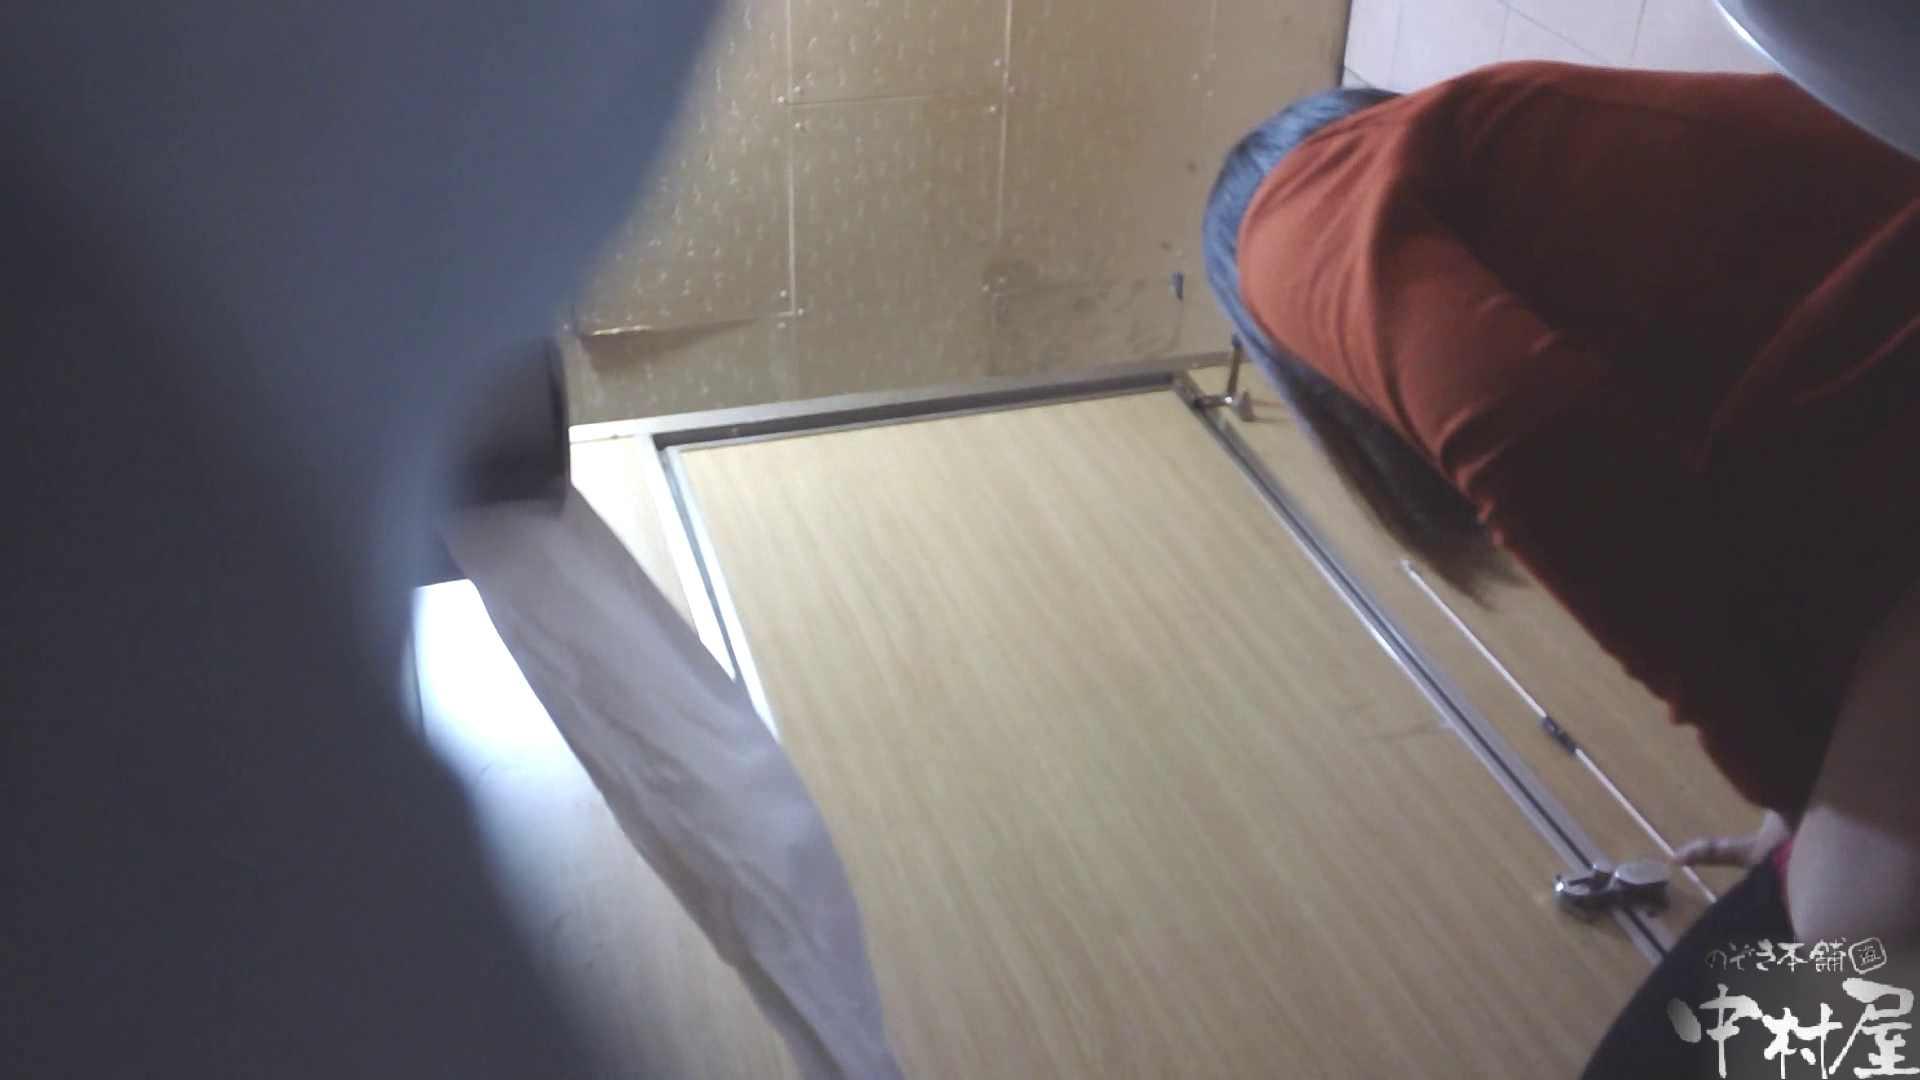 韓流トイレ盗撮vol.12 OLエロ画像 盗み撮りオマンコ動画キャプチャ 45PICs 8